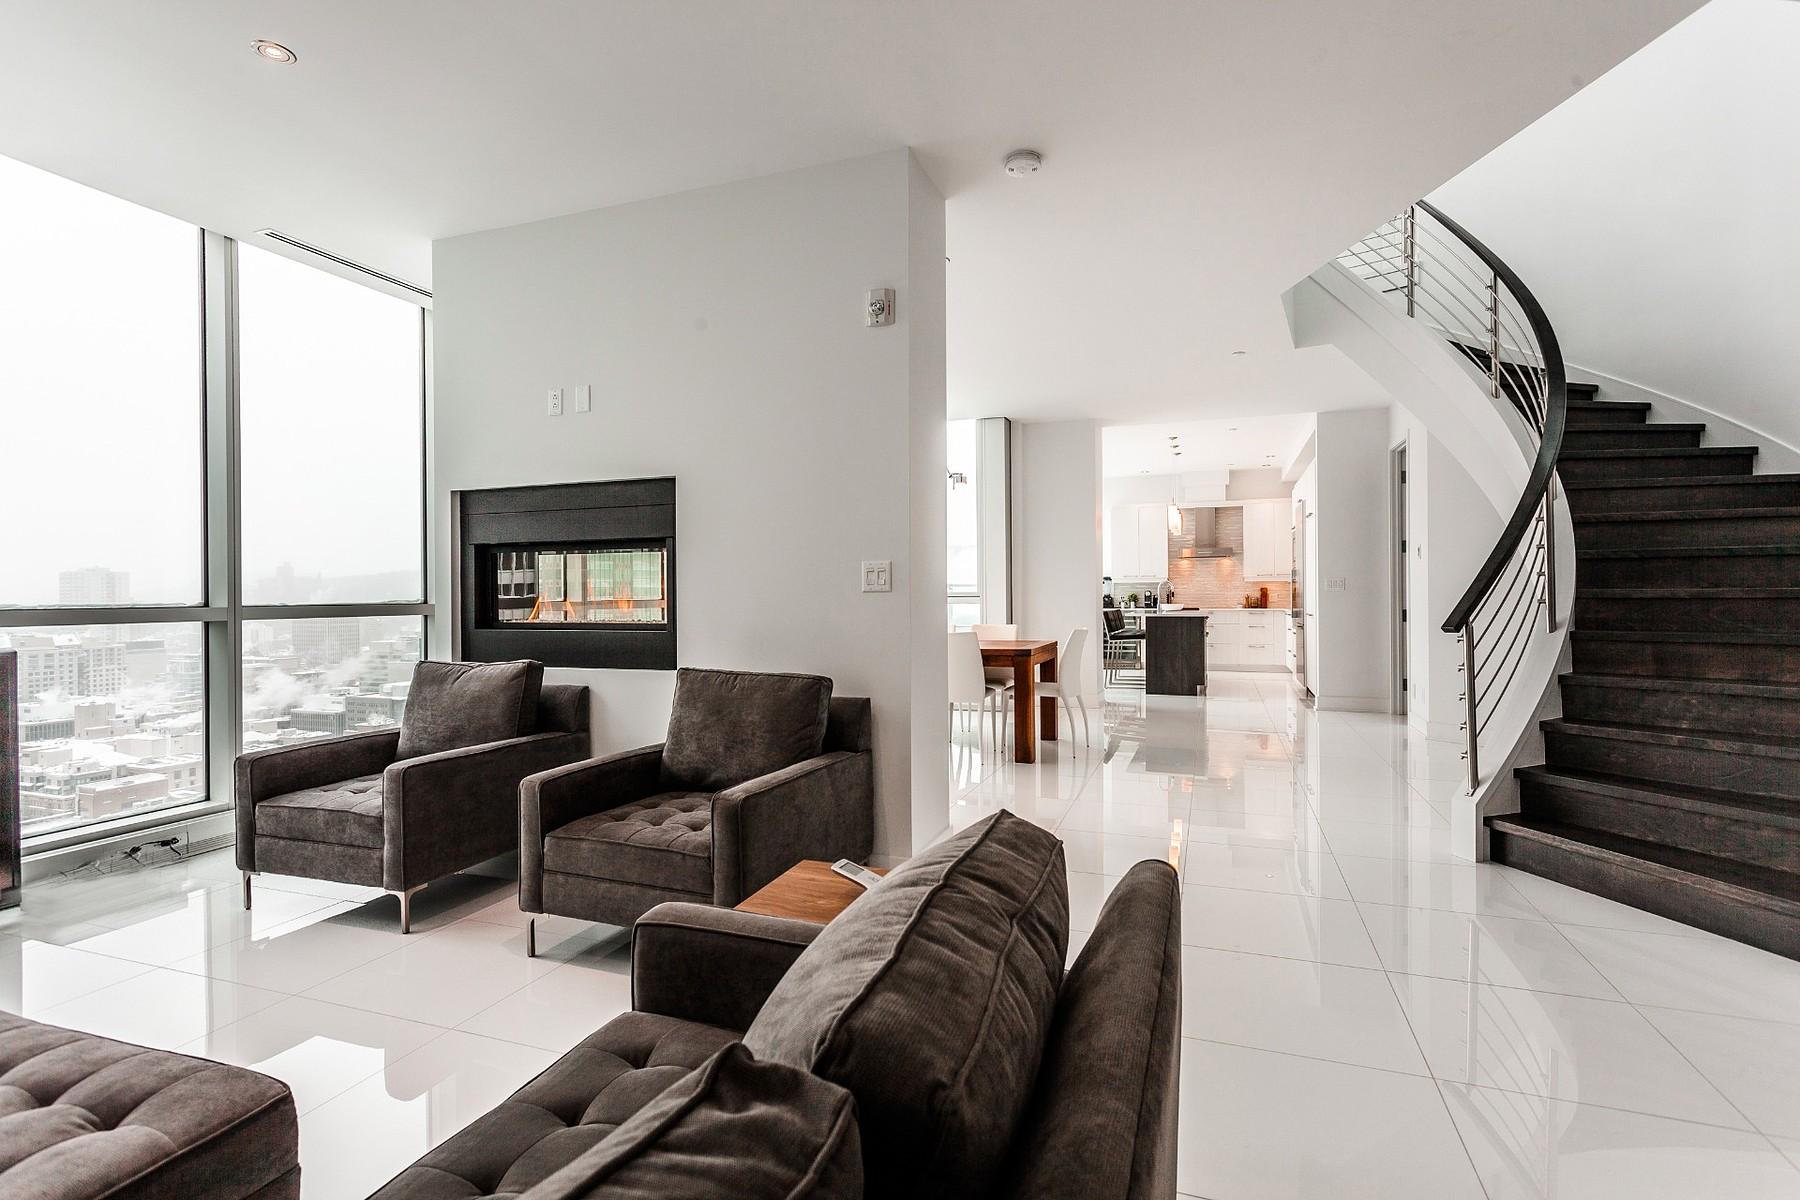 独户住宅 为 销售 在 Spectacular Penthouse 1225 Boul. Robert-Bourassa, Apt. PH3202 Other Quebec, 魁北克省 H3B9A9 加拿大